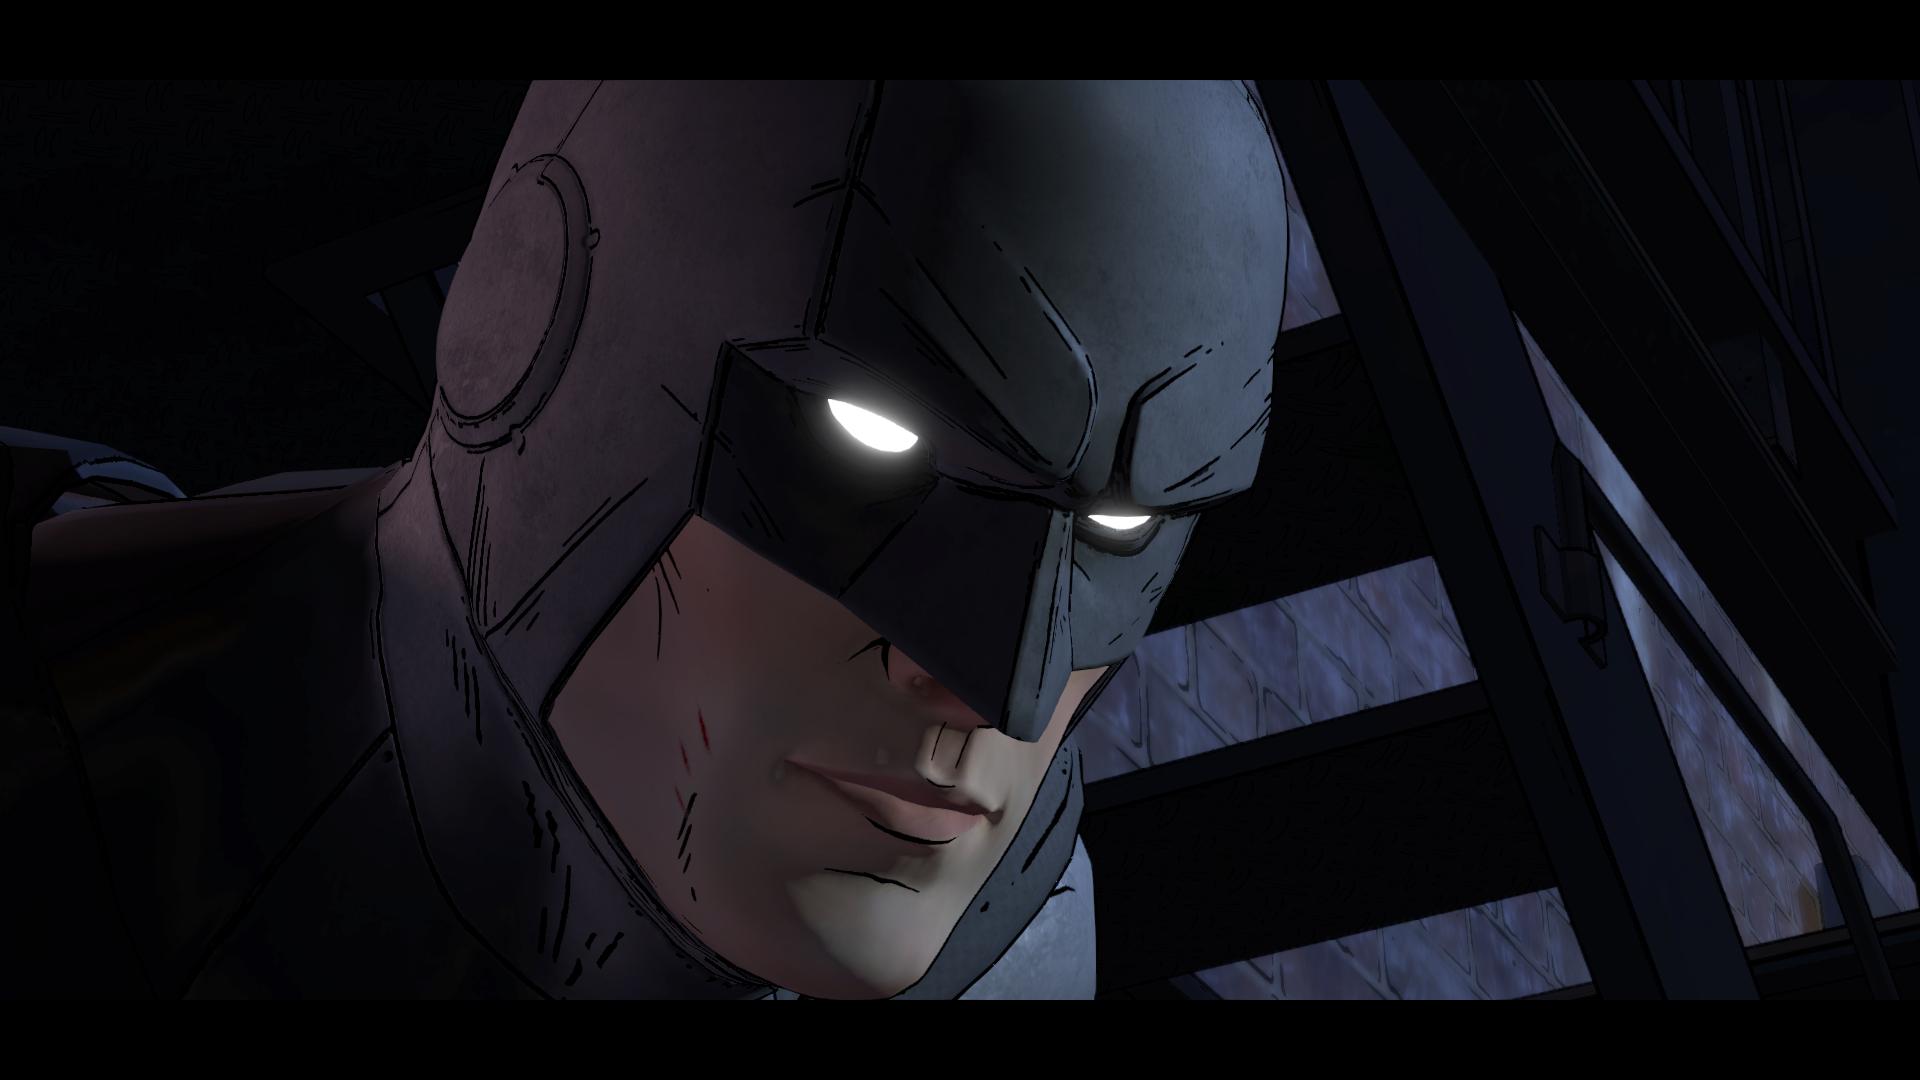 Batman: The Telltale Séies Episode 2 - Children oph Arkham